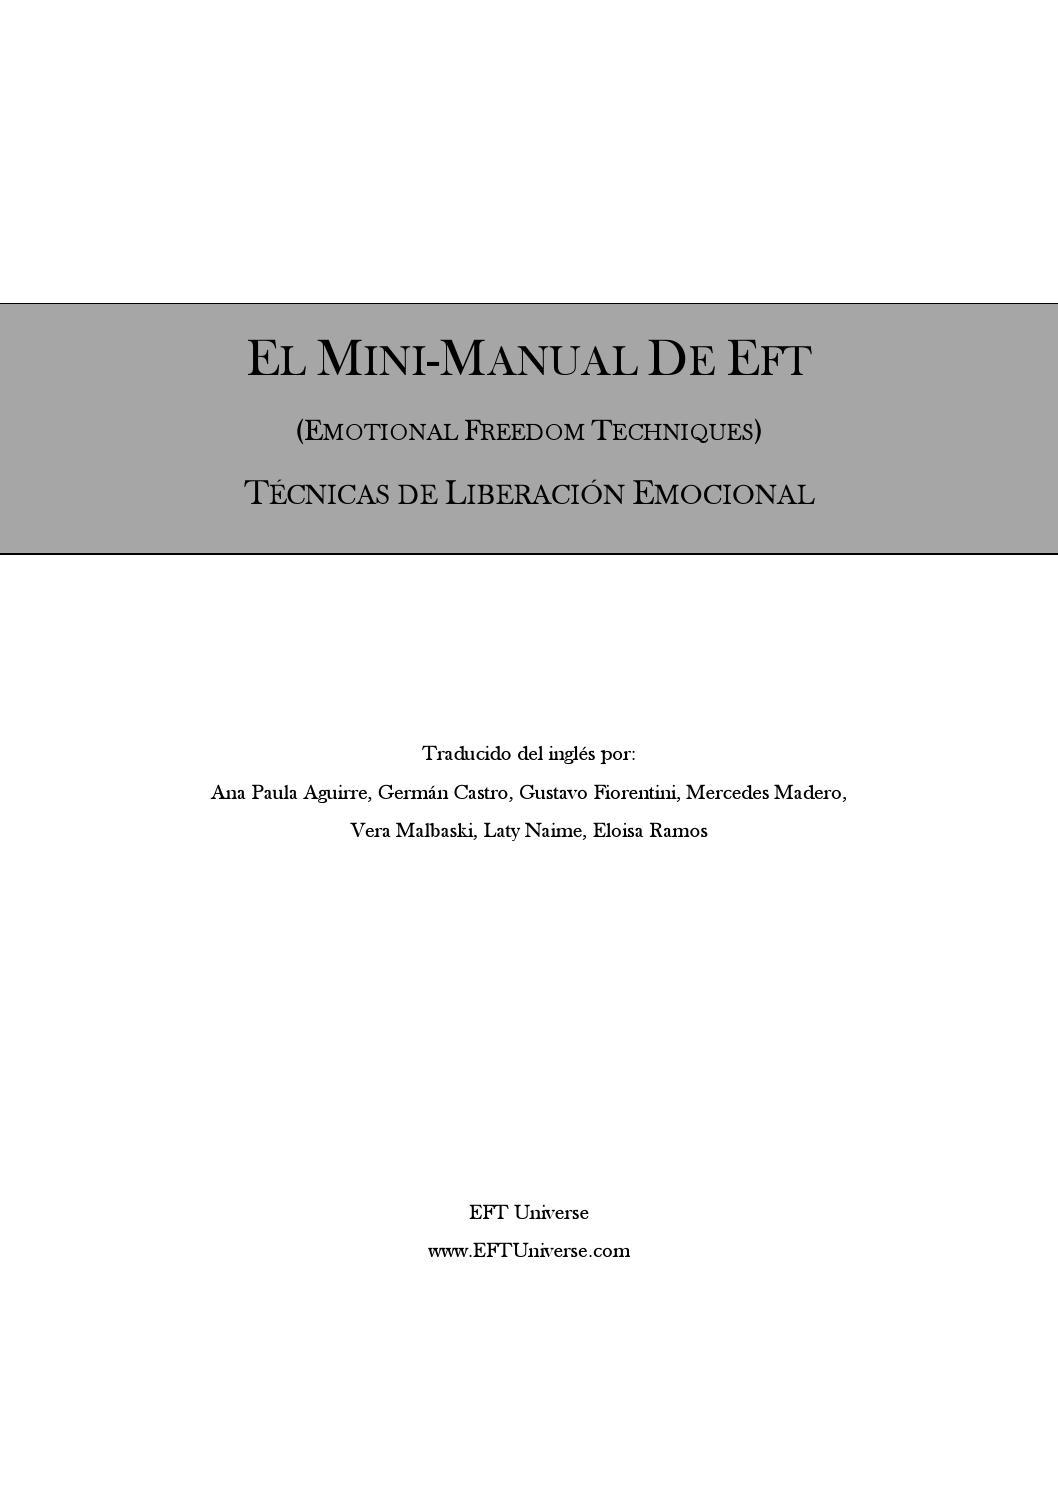 Manual De Eft By Albert Moliner Issuu